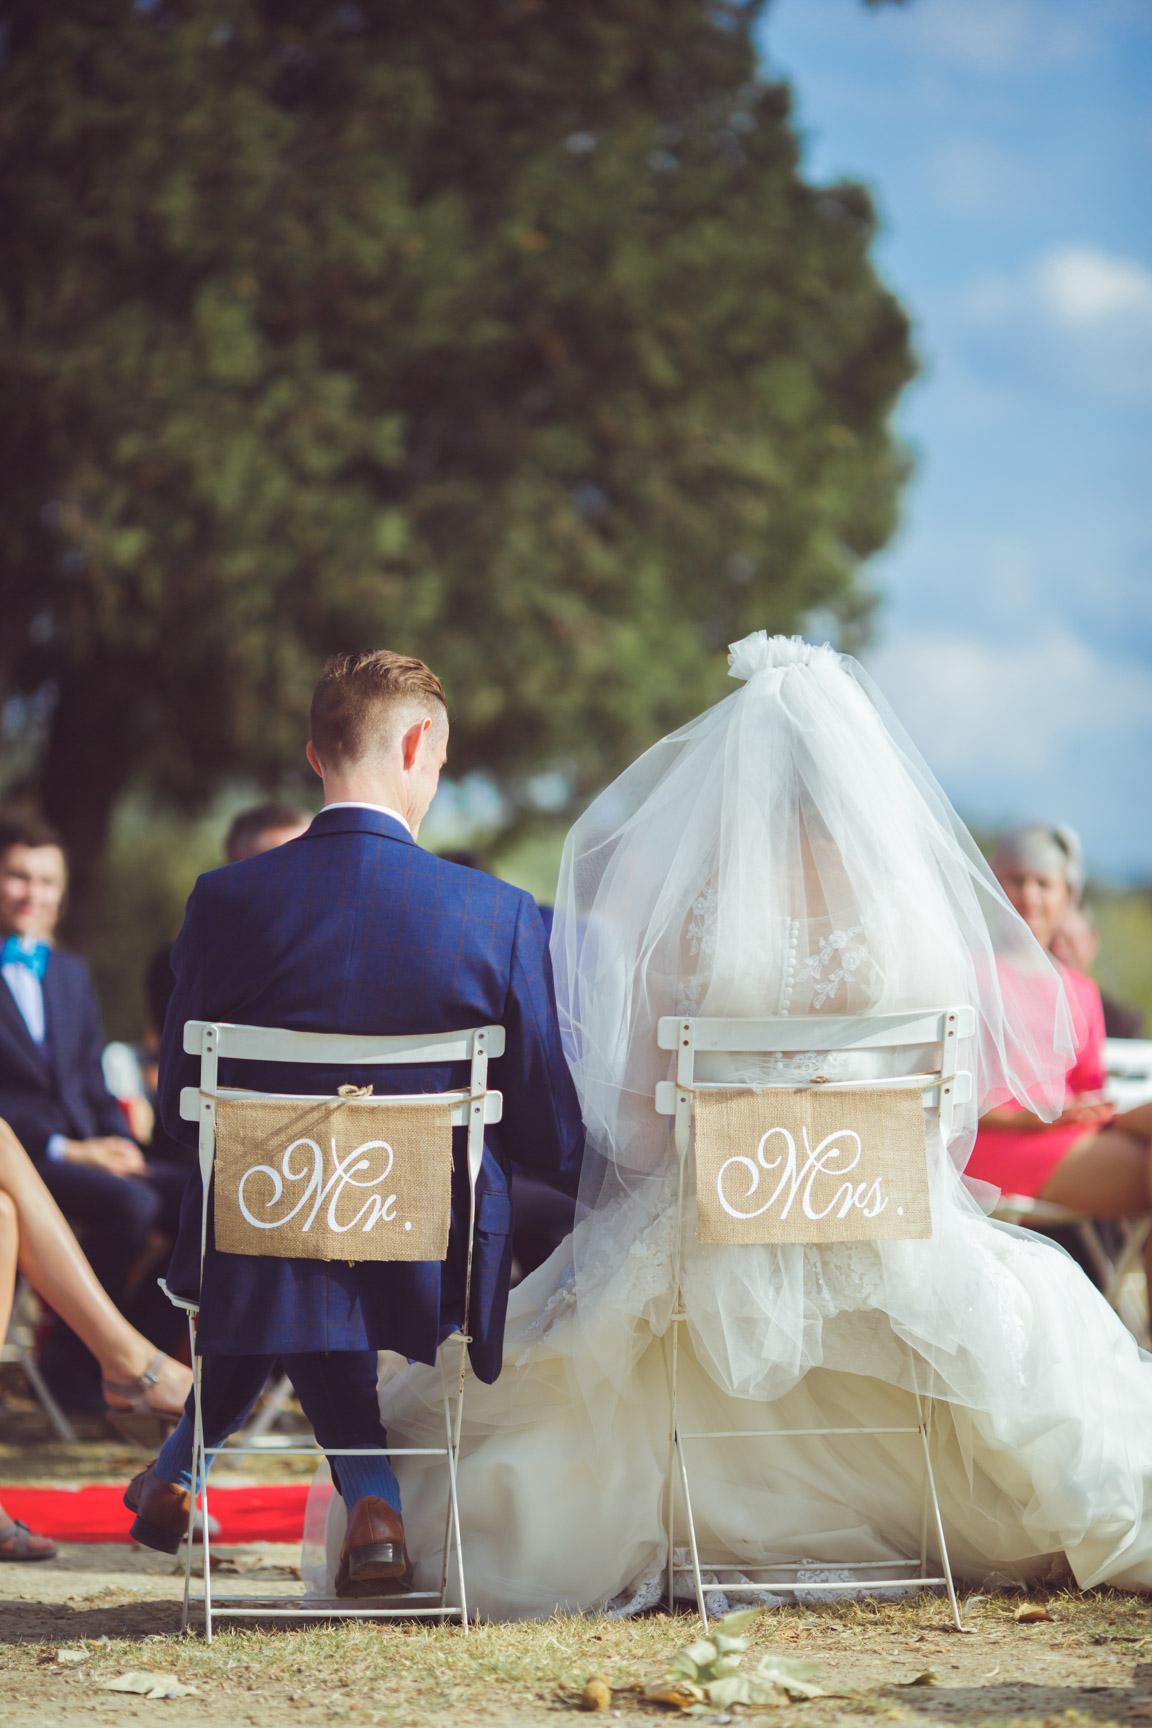 chaises décorées pour la cérémonie d'un mariage sur la presqu'île de real plantain